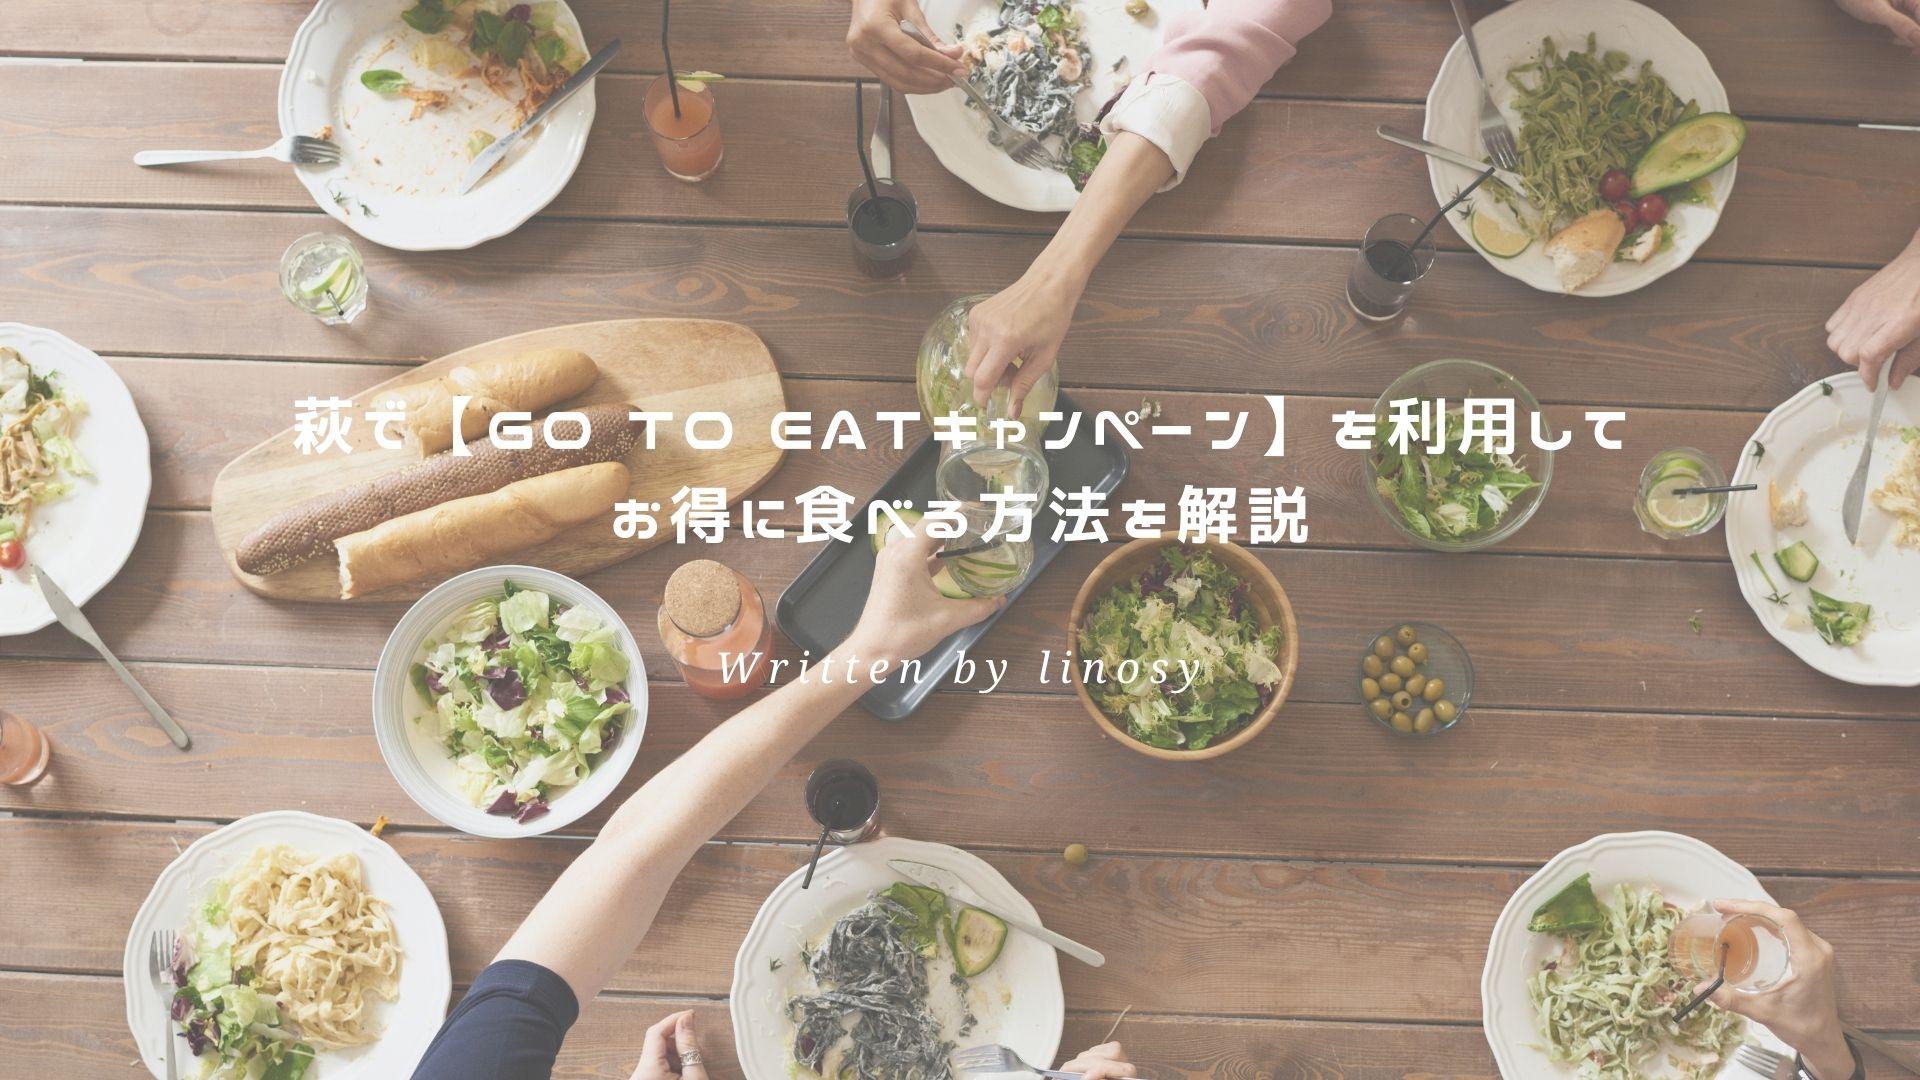 Go To Eatキャンペーン アイキャッチ